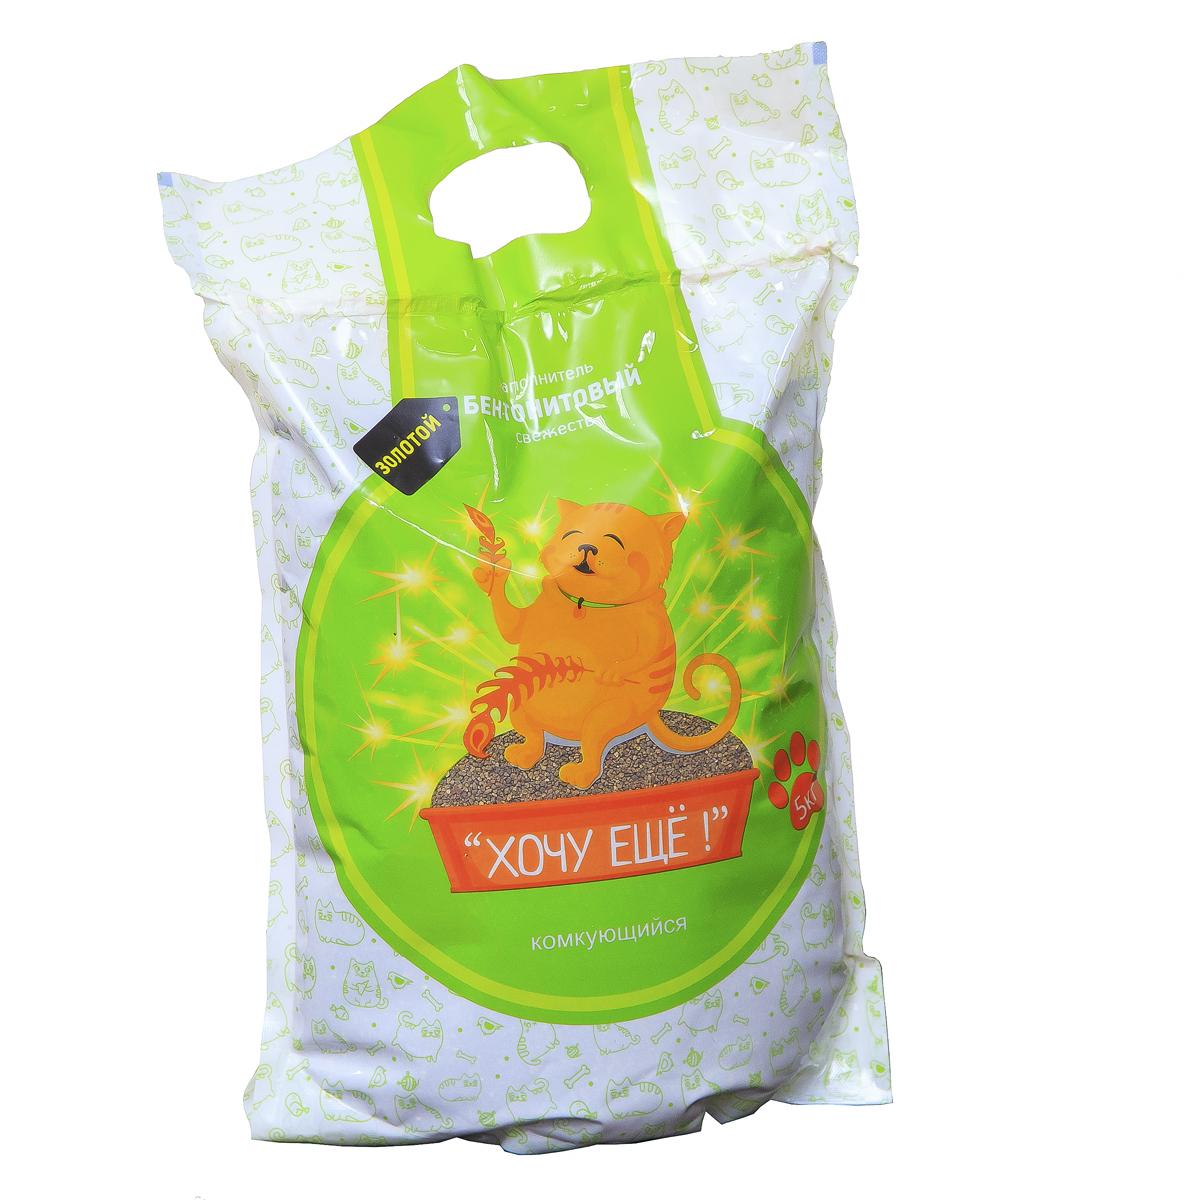 Хочу Ещё Наполнитель золотой  бентонитовый свежесть 5 кг (уп4) + Лакомство 35 г Kormberi.ru магазин товаров для ваших животных